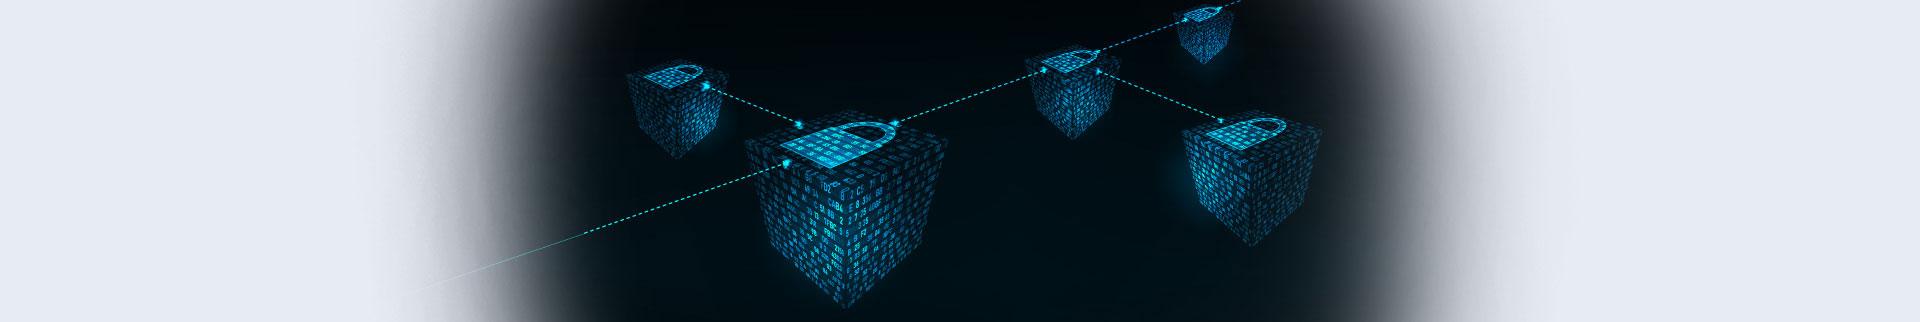 Tech Mahindra Blockchain